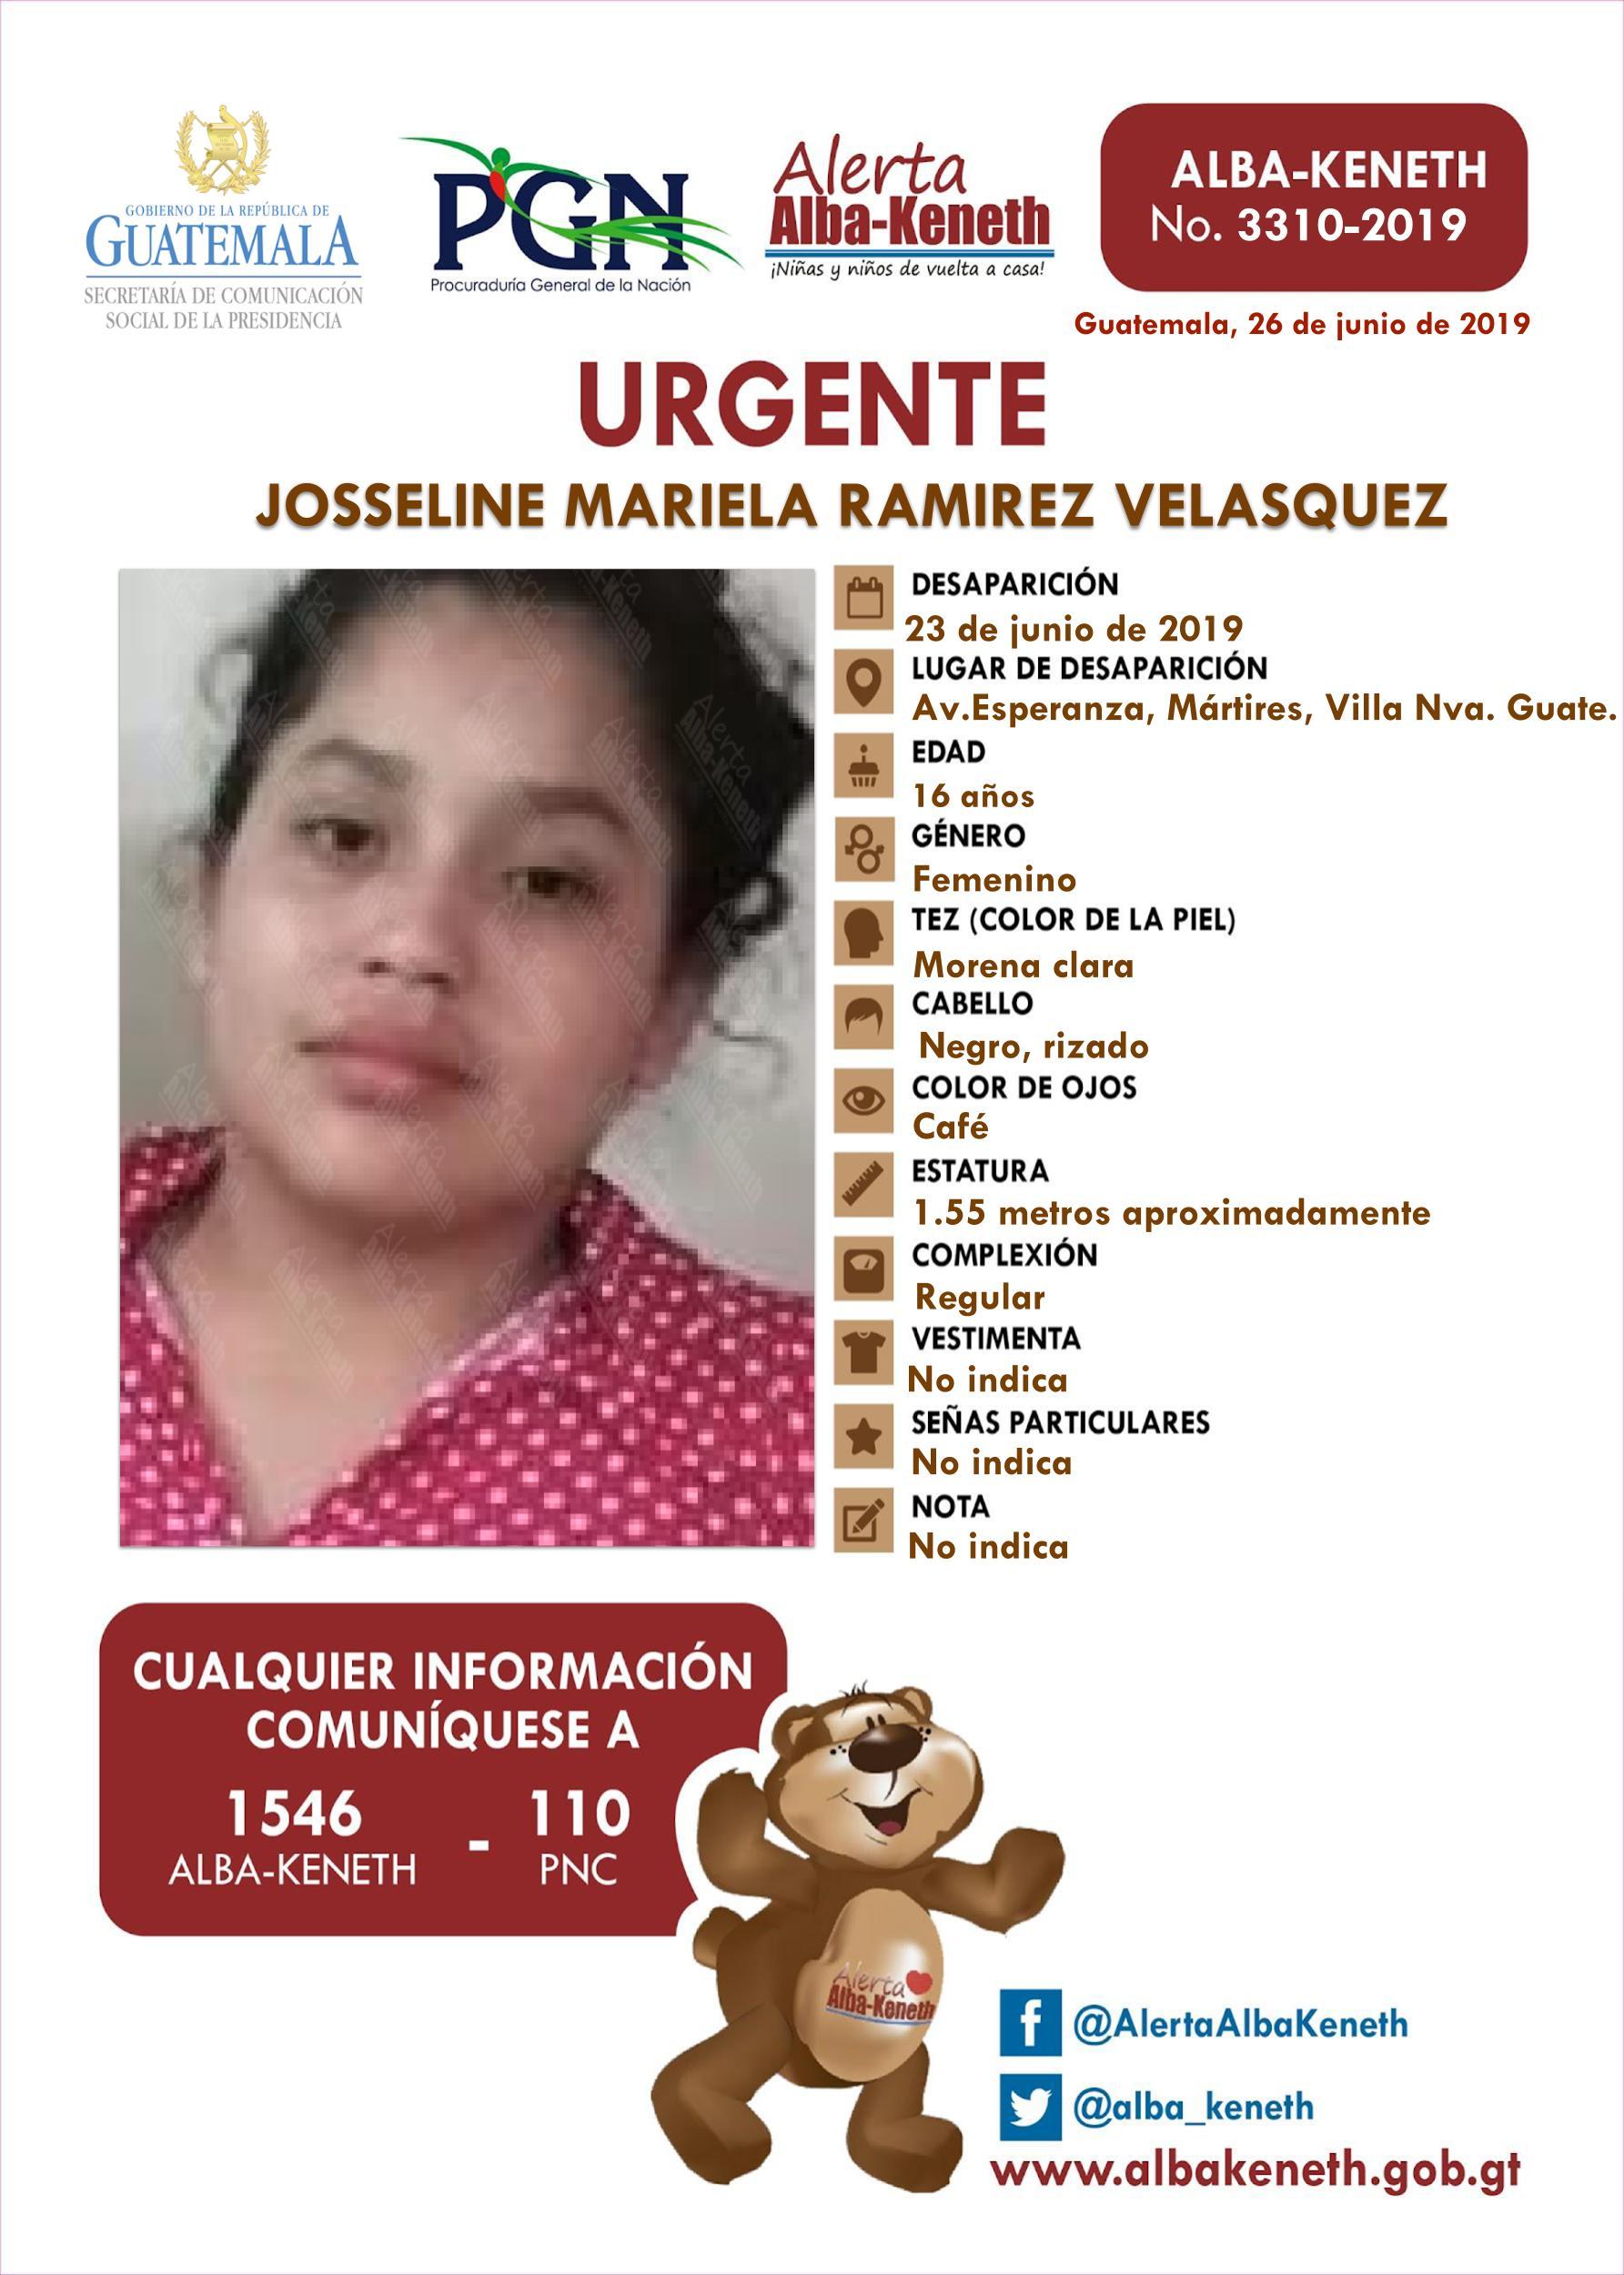 Josselin Mariela Ramirez Velasquez